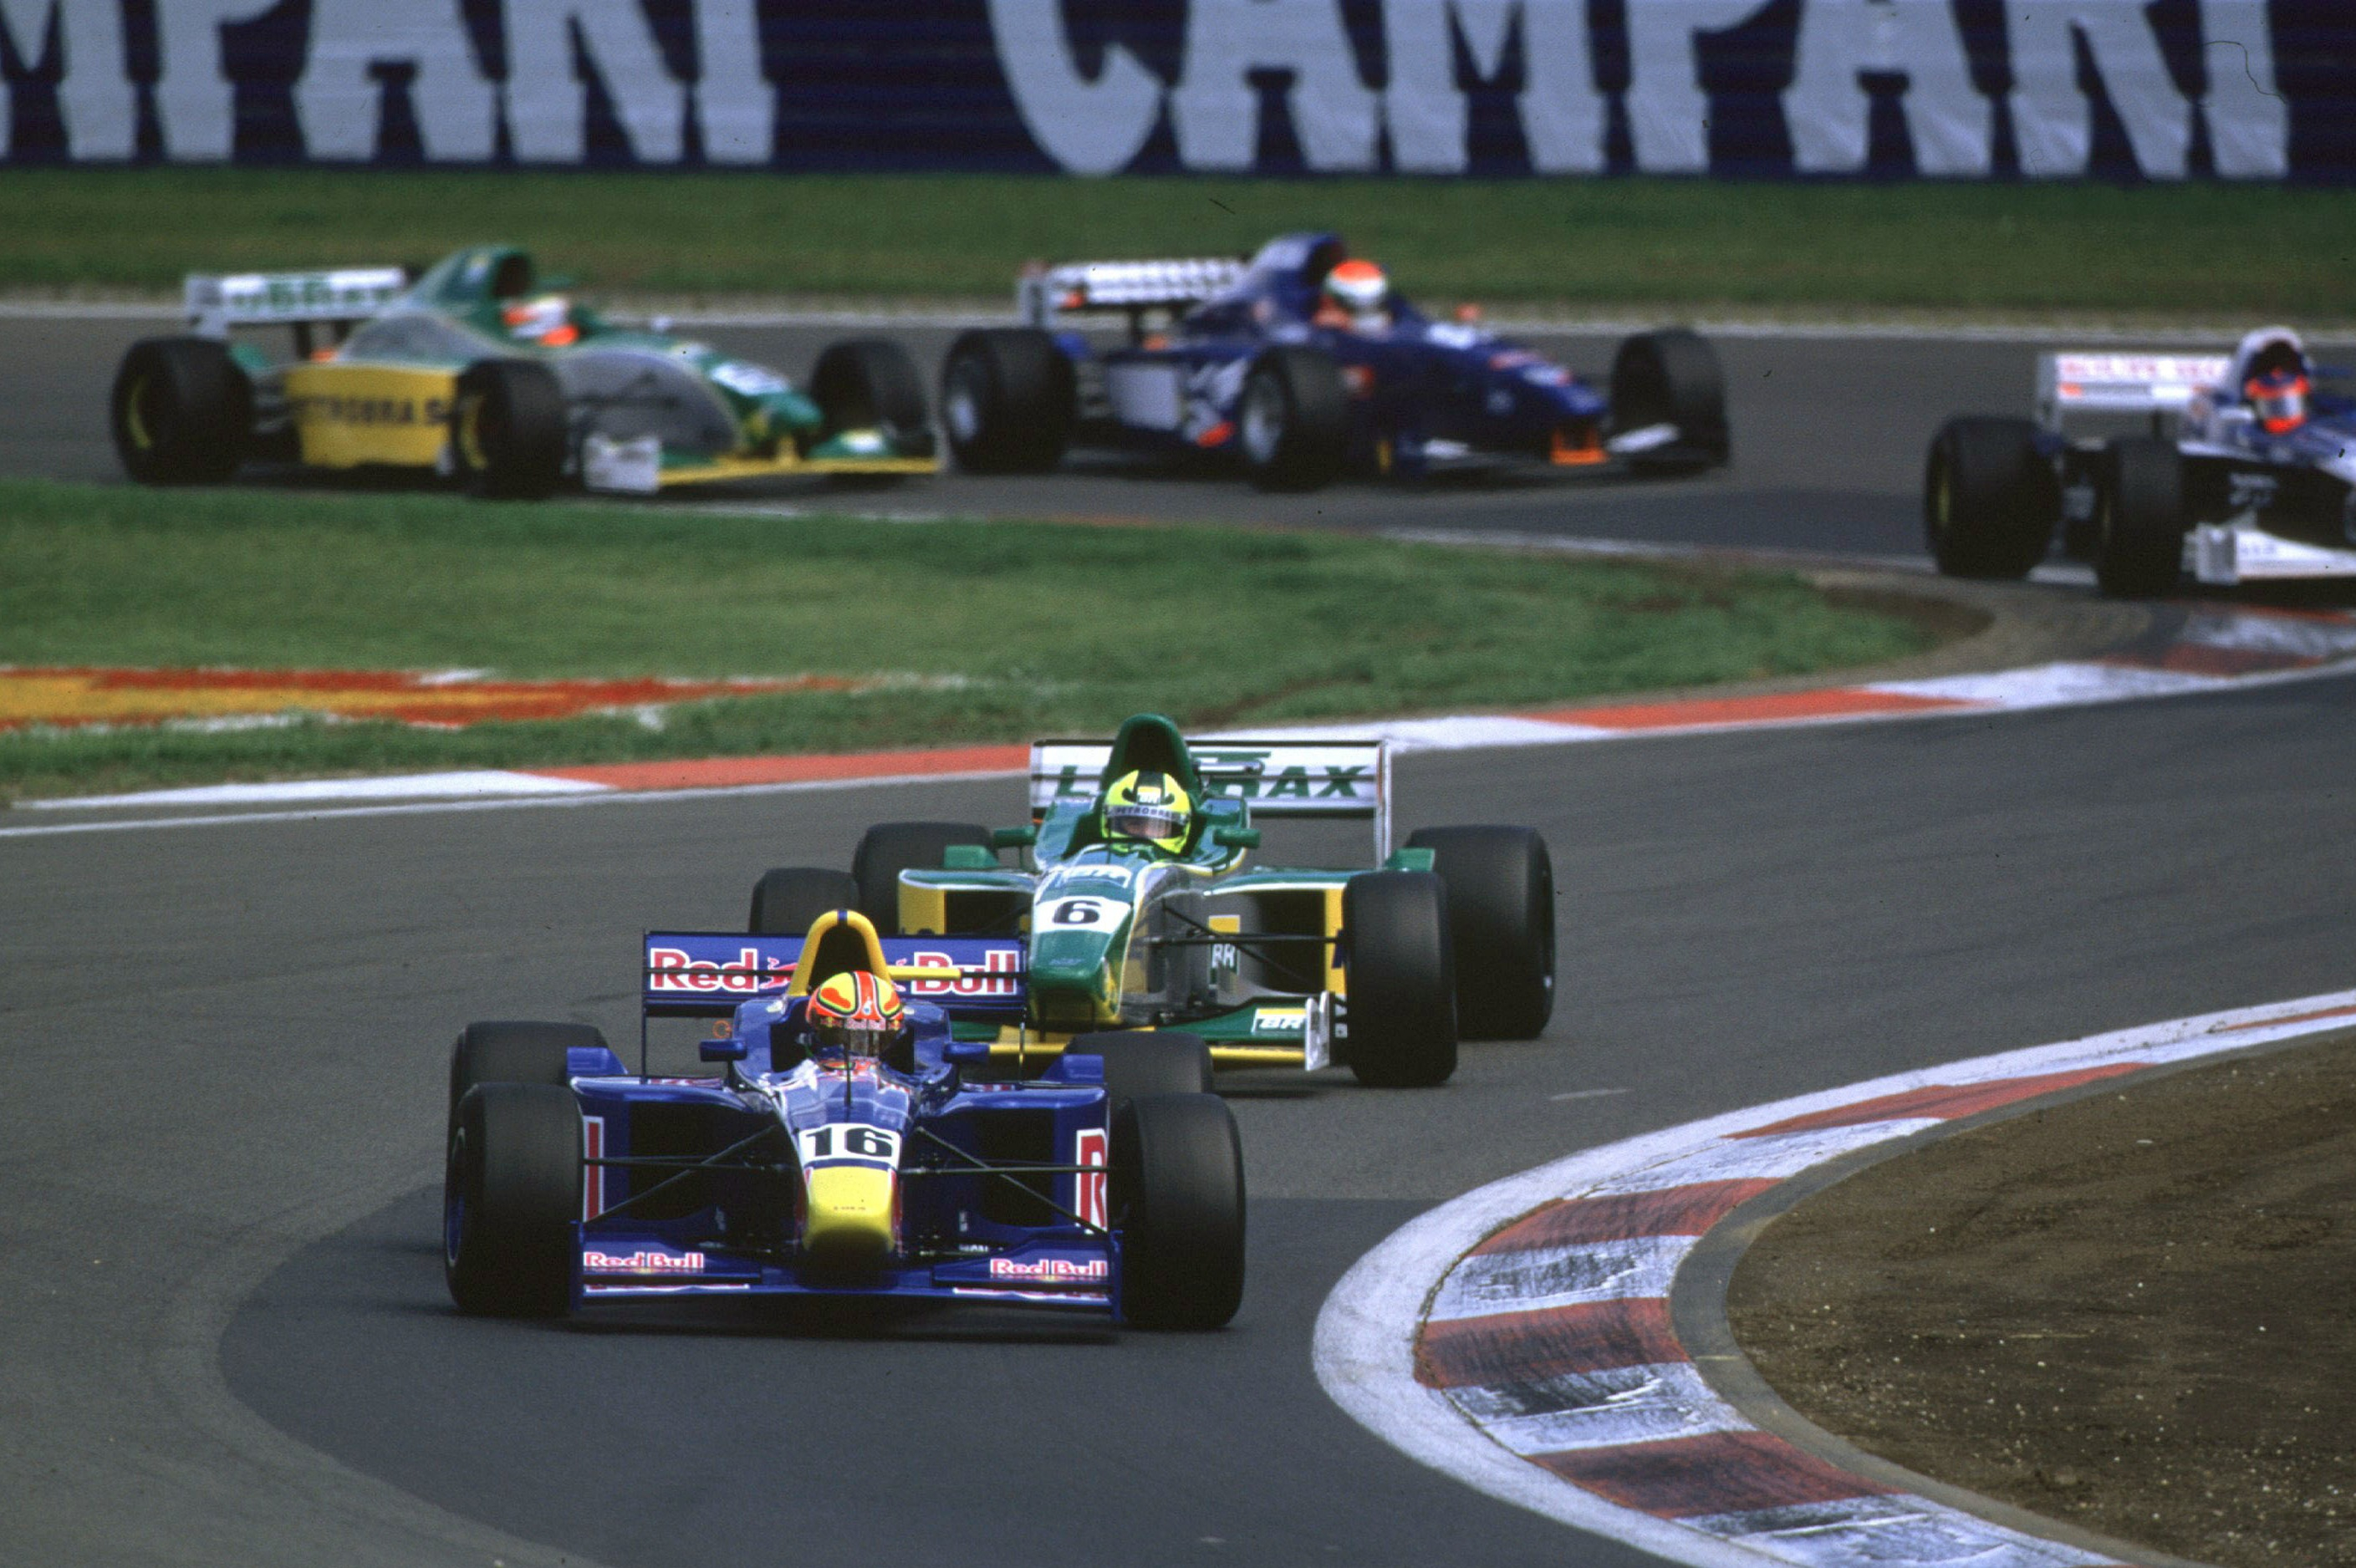 Enrique Bernoldi, F3000 Nurburgring 2000